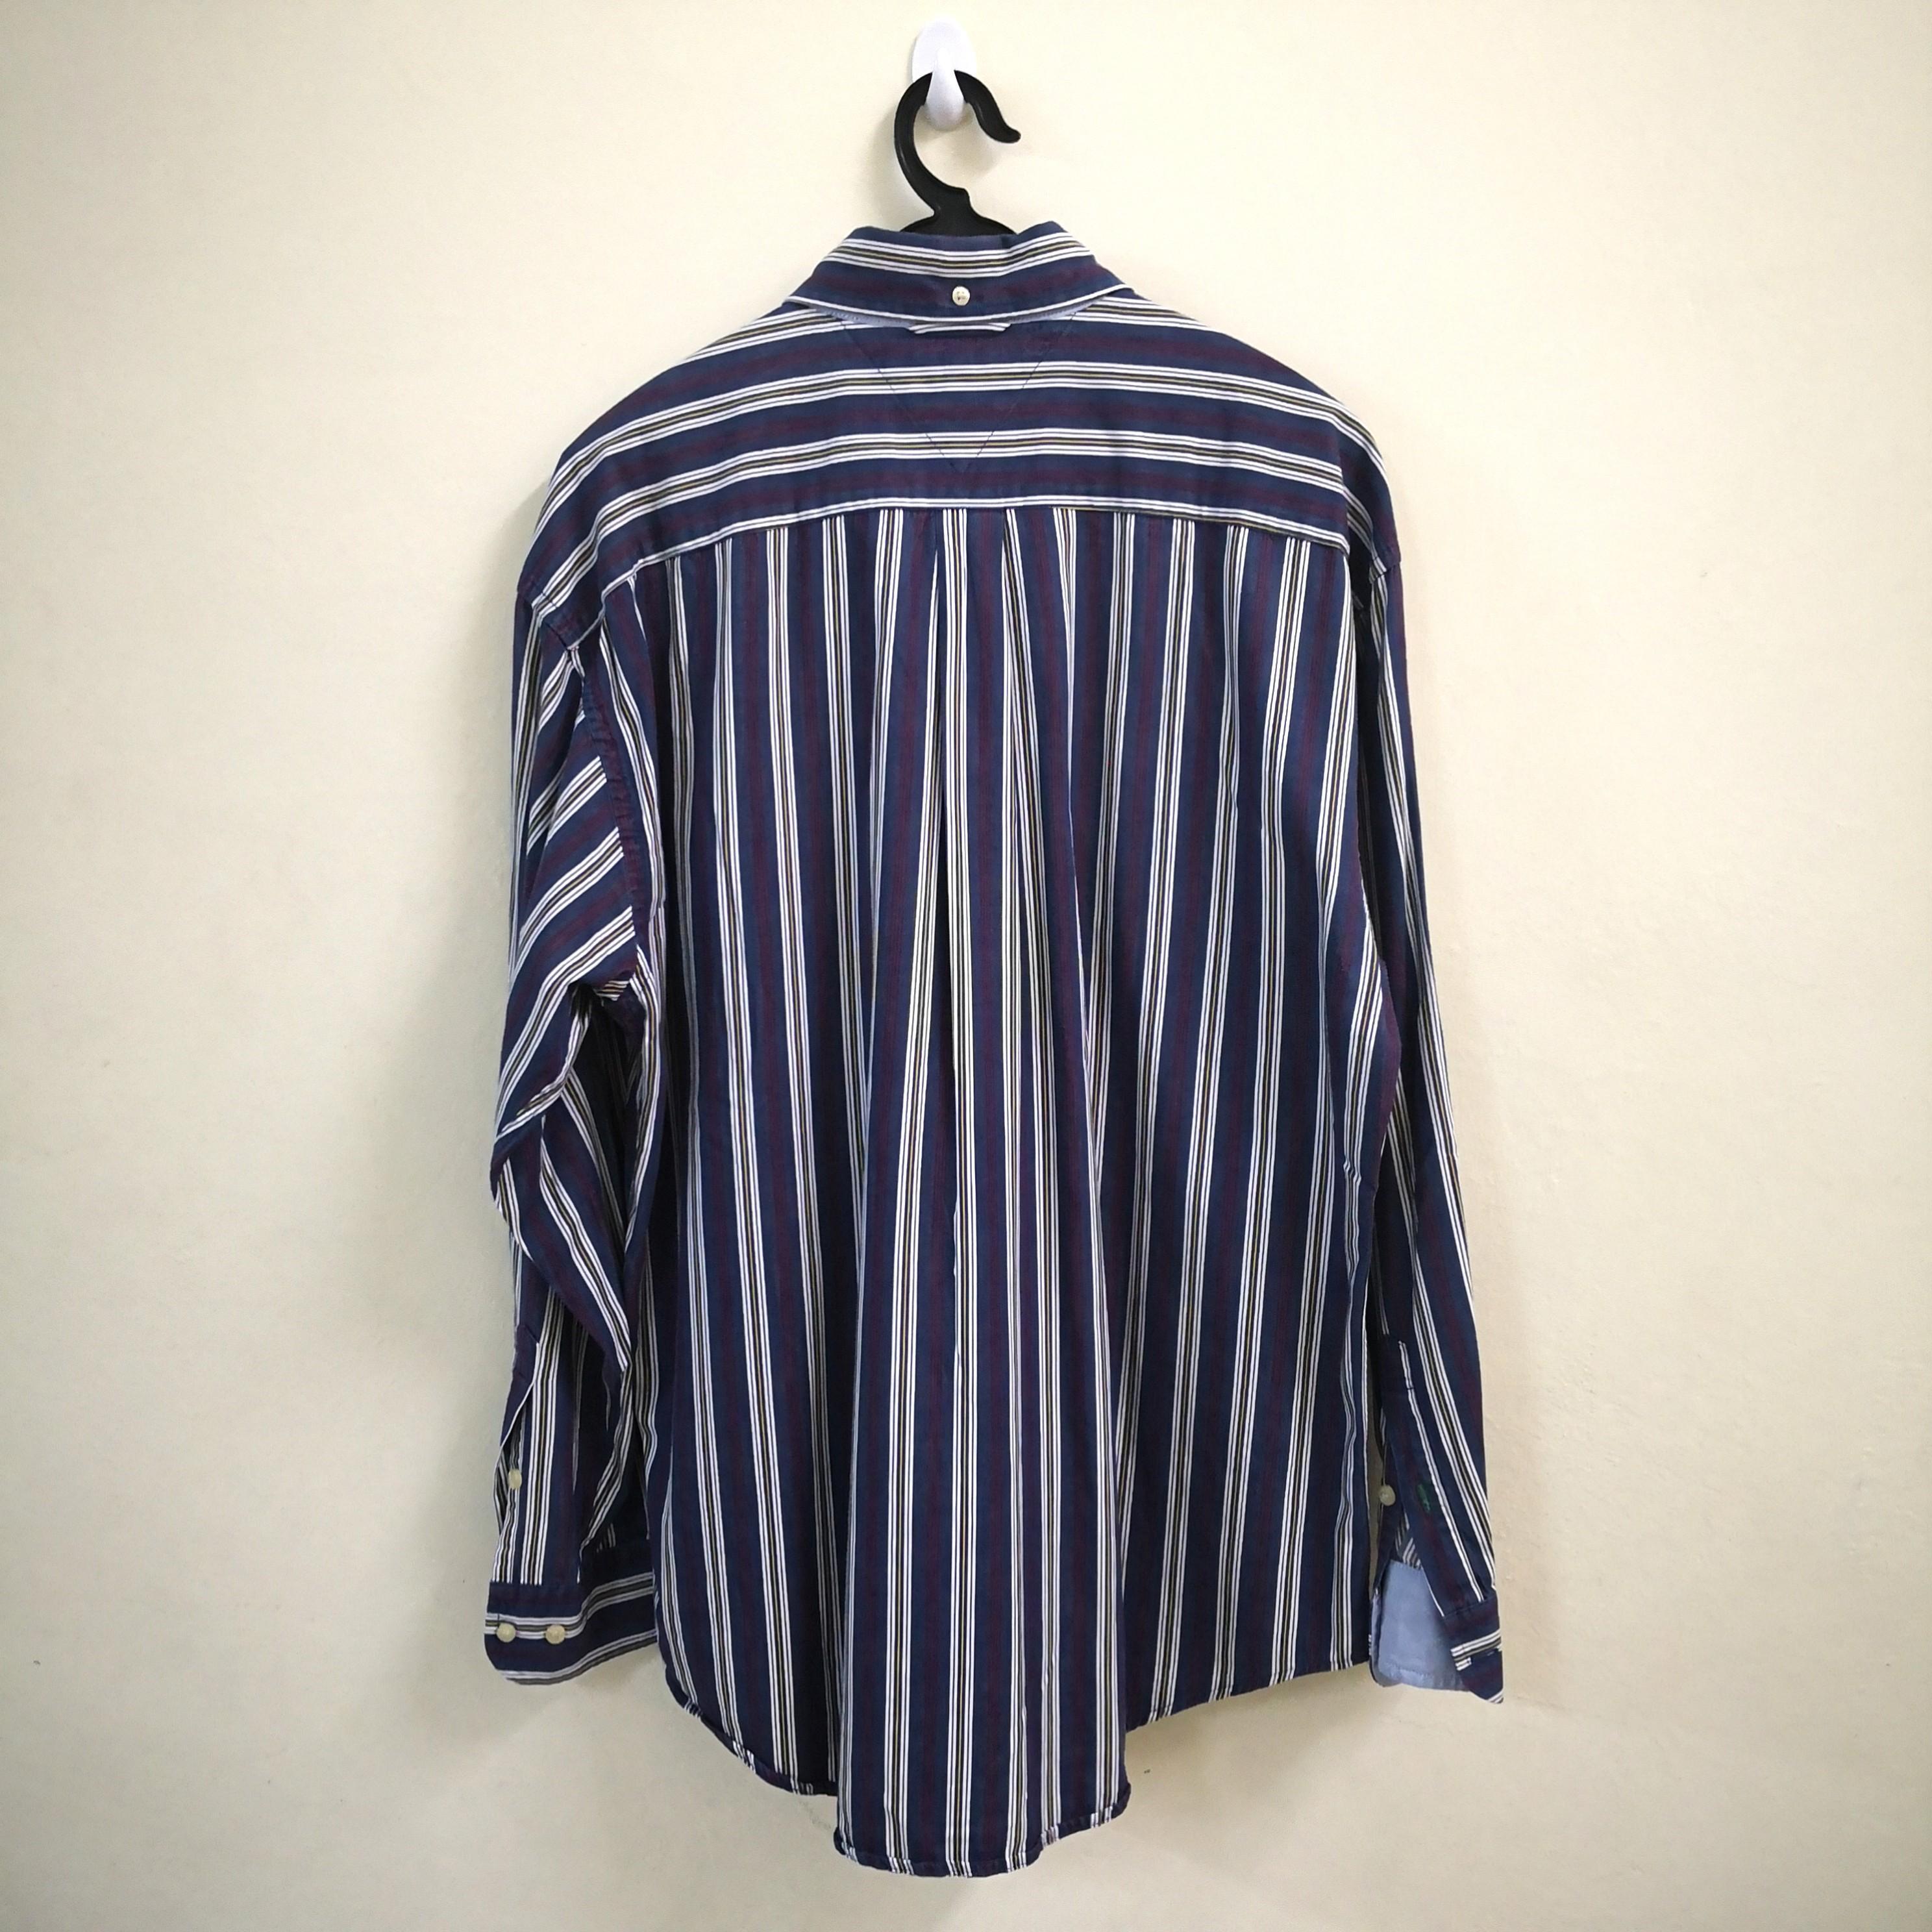 Tommt Hilfiger Stripe Shirt